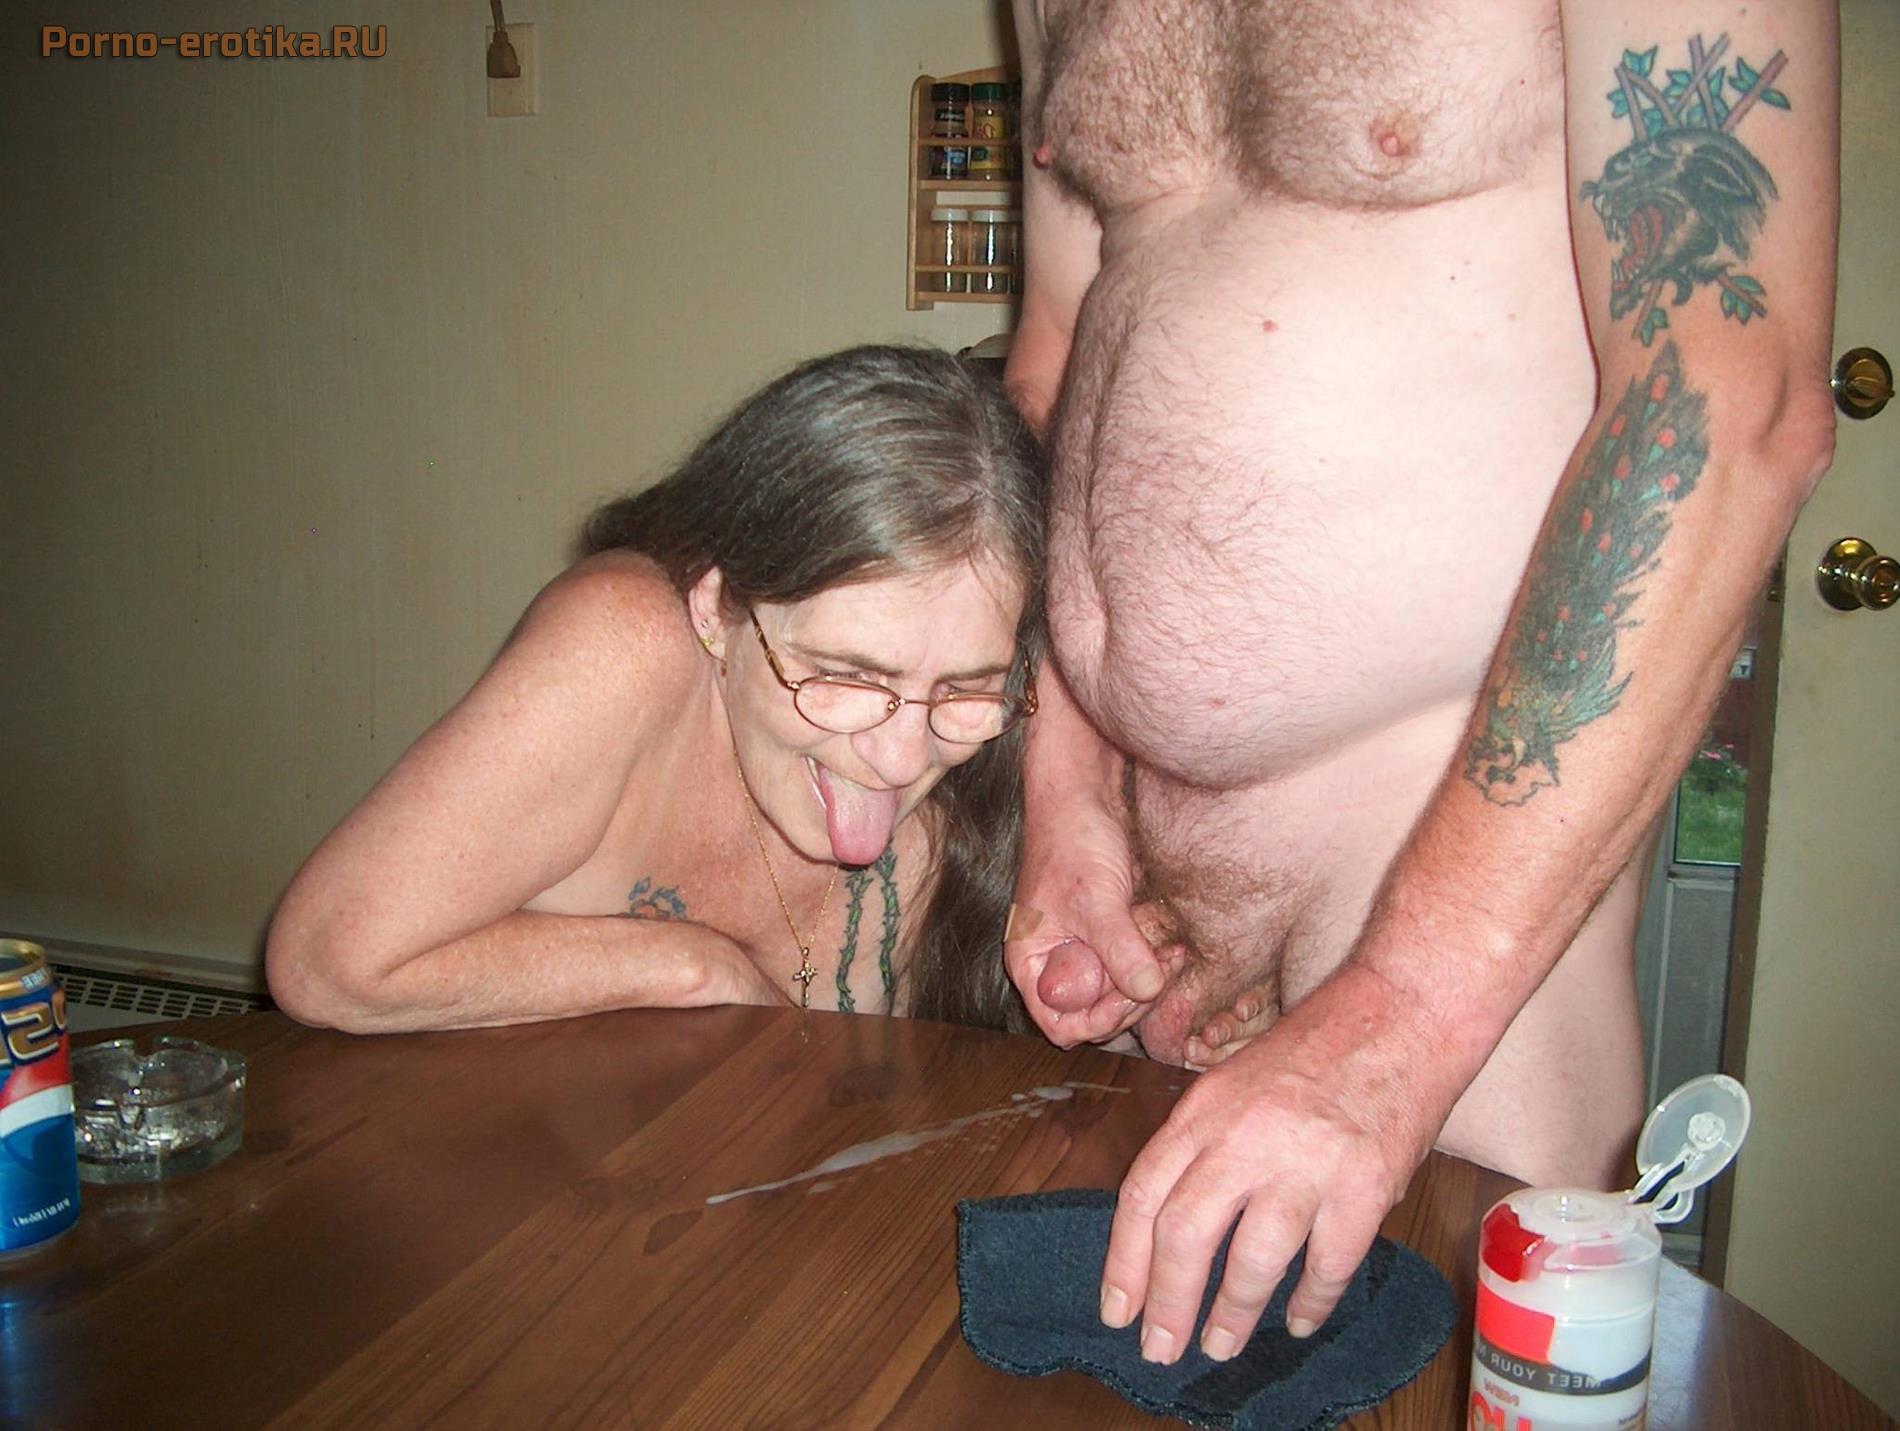 порно видео смотри и дрочи